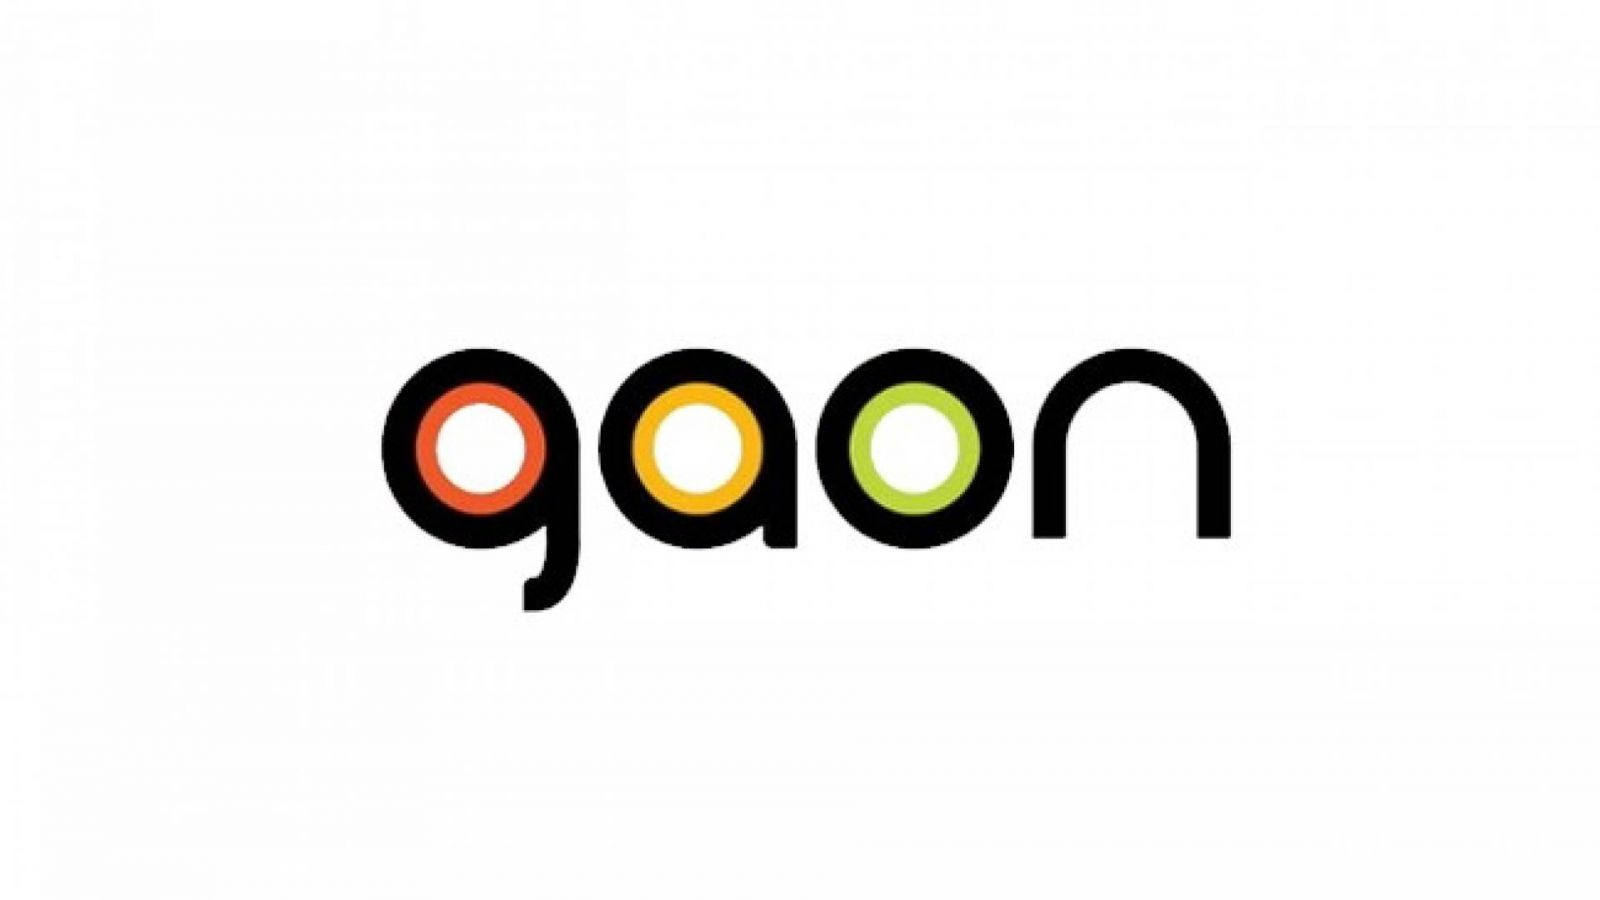 TOP 100 - Gaon 2012 © Gaon